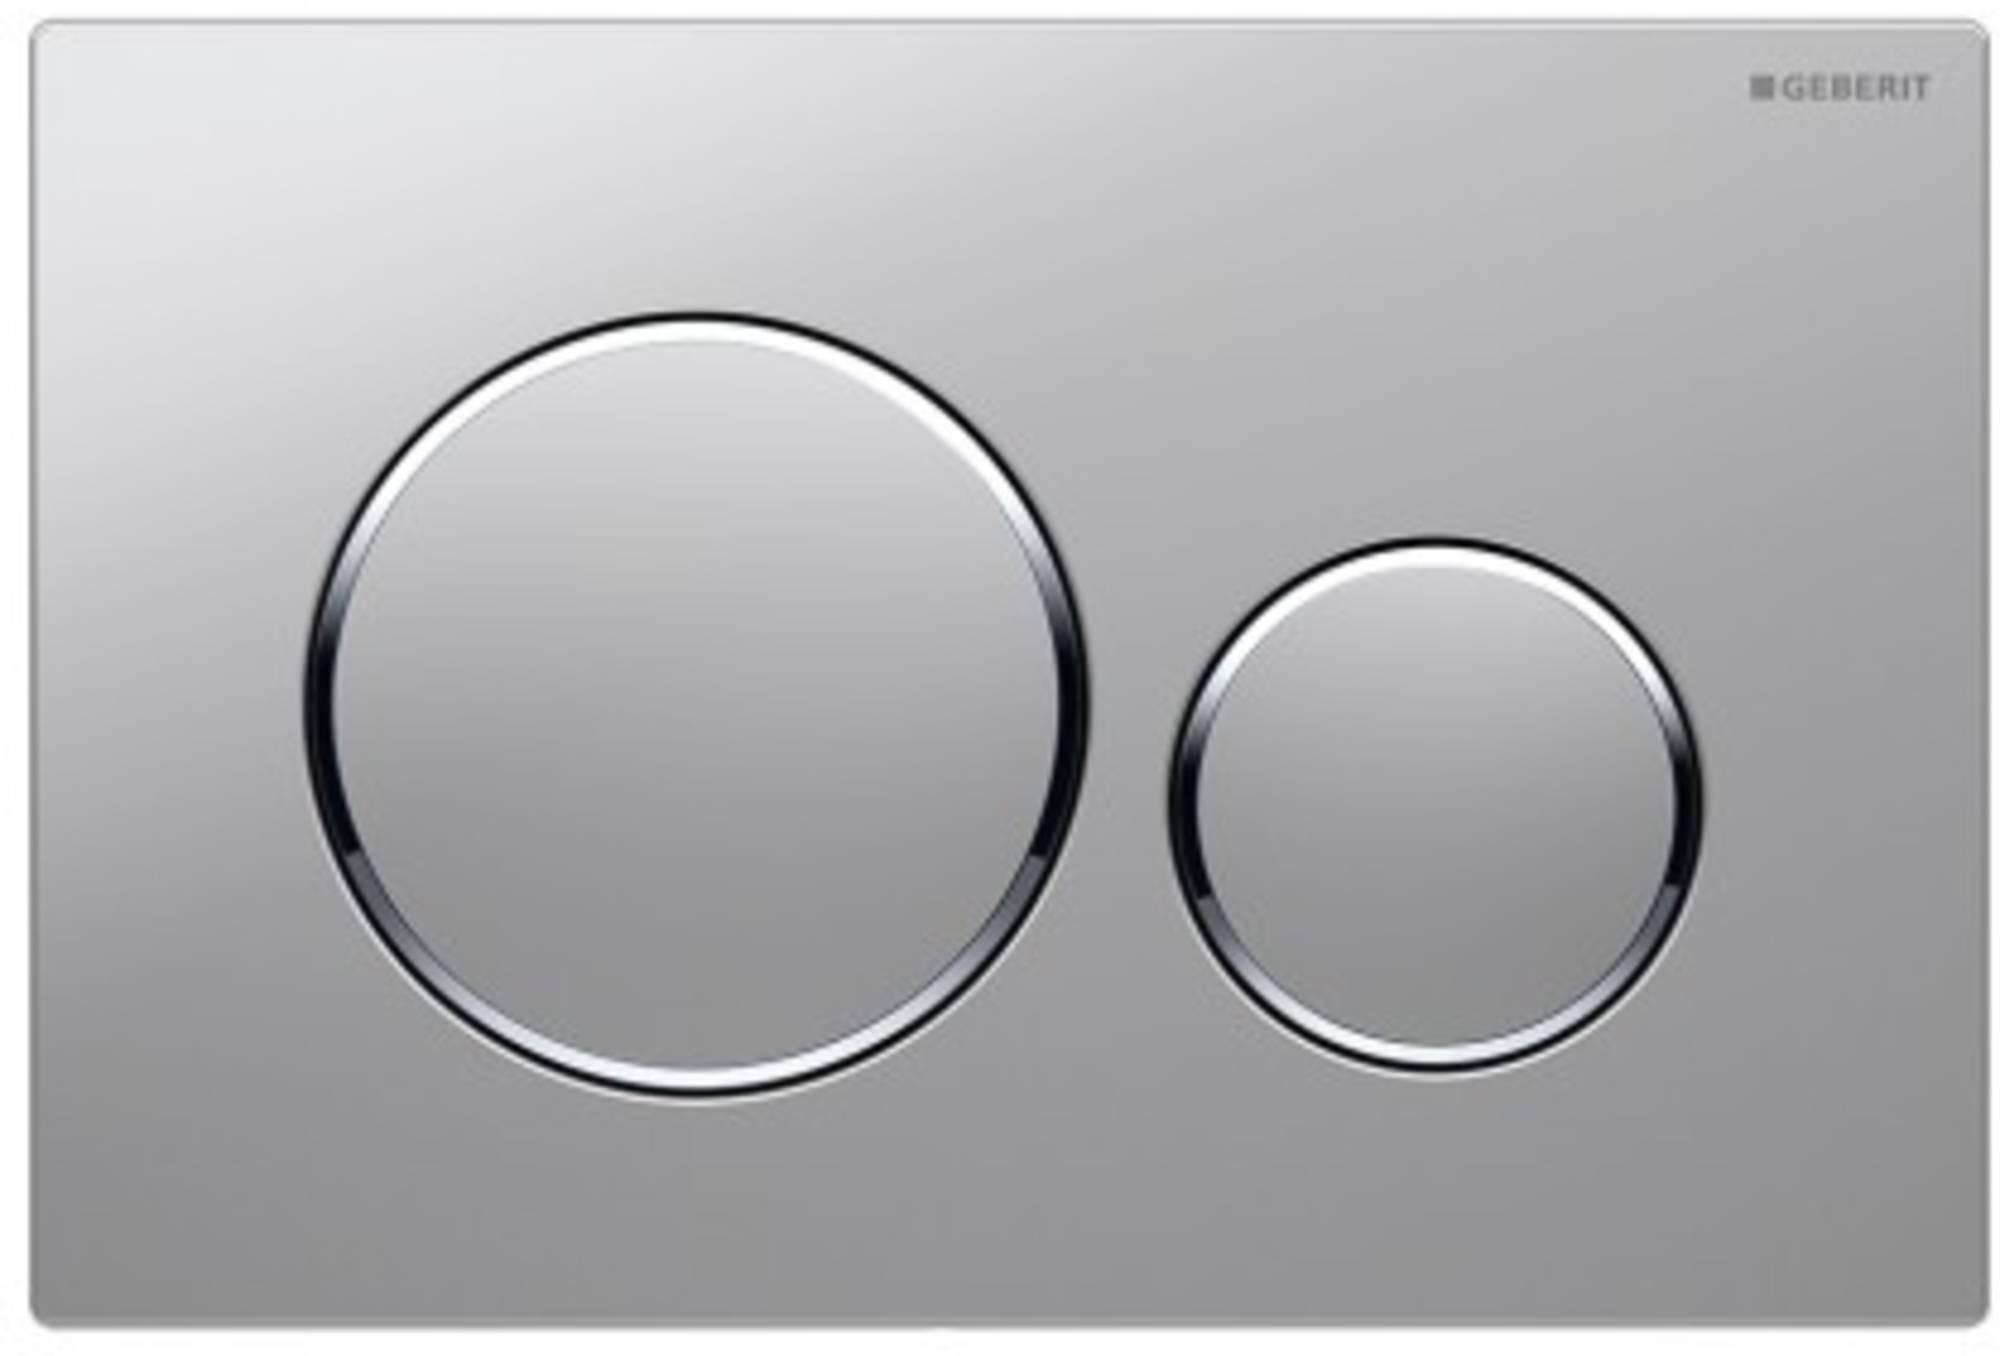 Geberit Sigma20 bedieningsplaat kleur:plaat-ring-knop match-ch-match